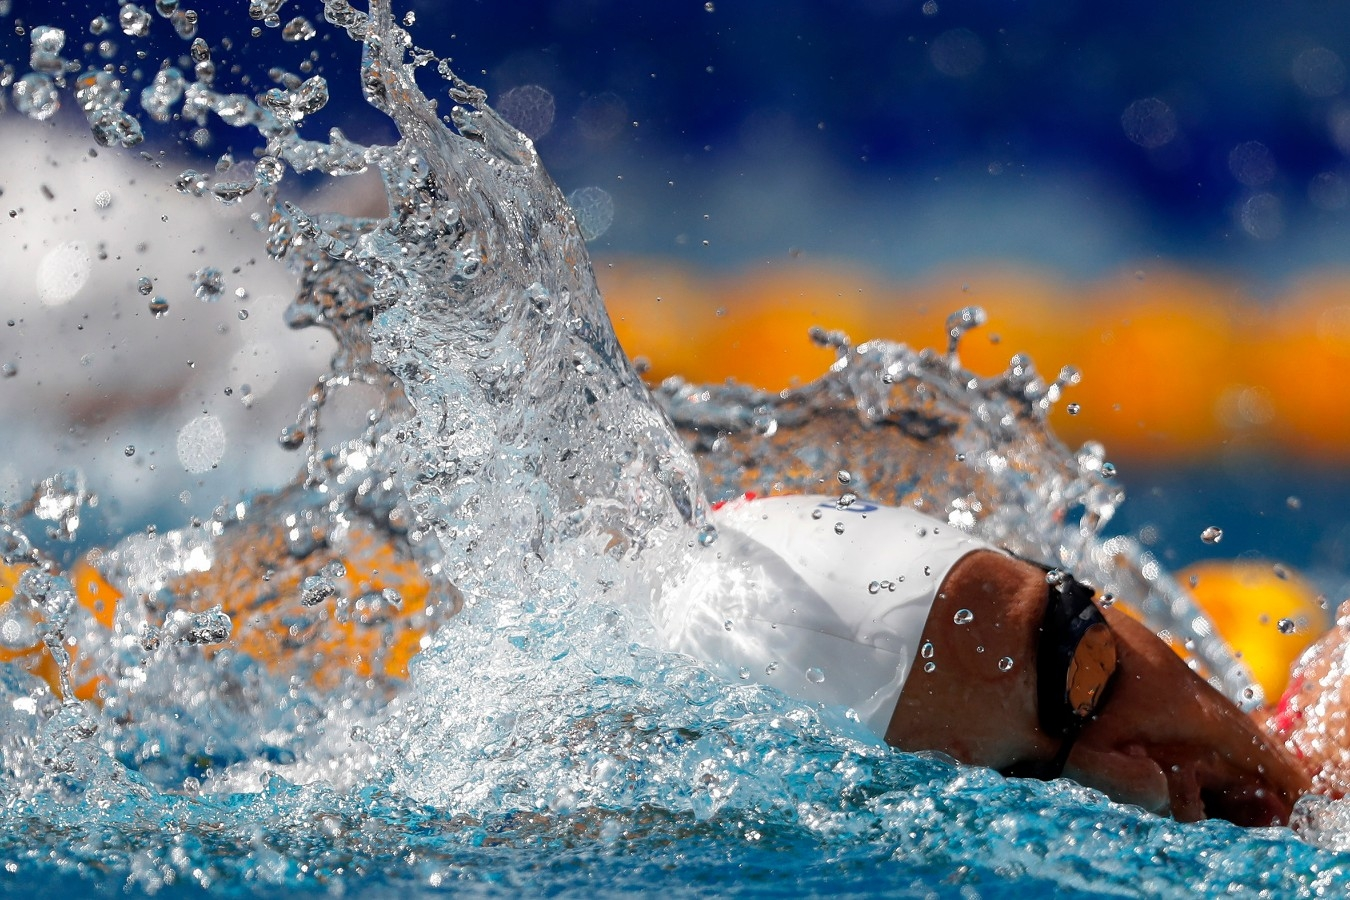 Gabrielle Roncatto. Trofeu Brasil de Natatacao no Parque Aquatico Maria Lenk. 17 de Abril de 2018, Rio de Janeiro, RJ, Brasil. Foto: Satiro Sodré/SSPress/CBDA